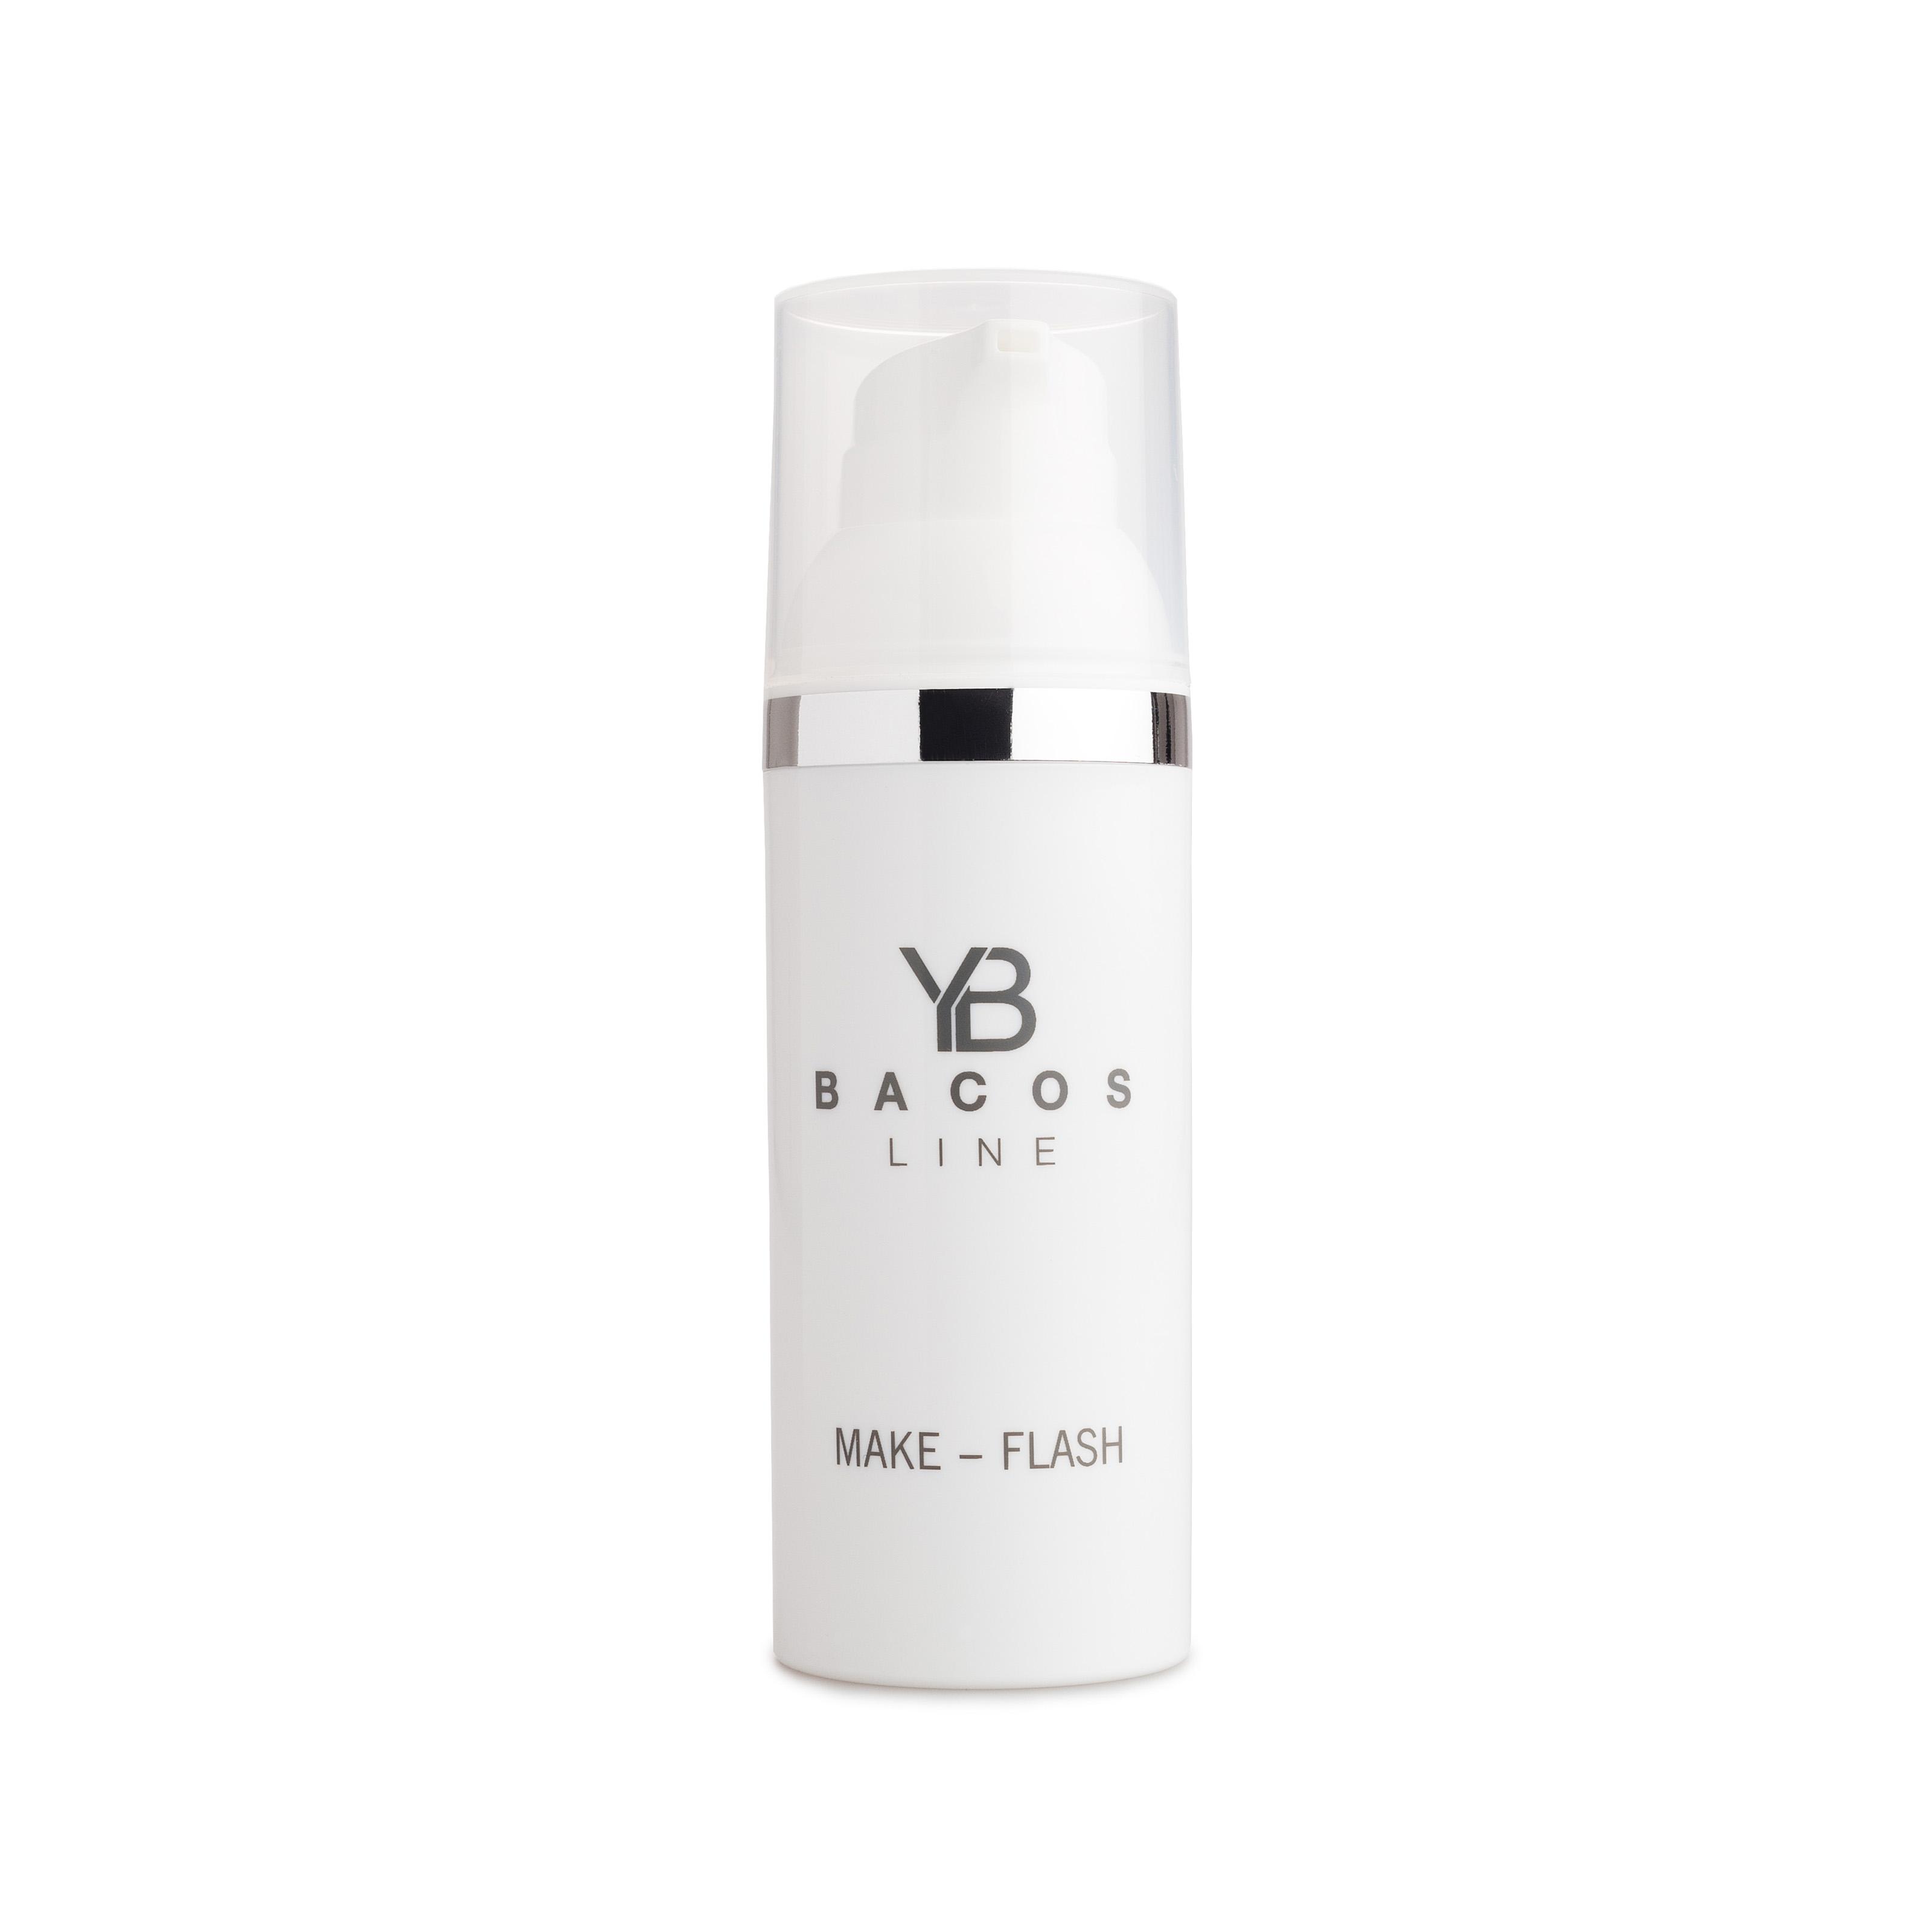 YB BACOS LINE MAKE FLASH 50ml